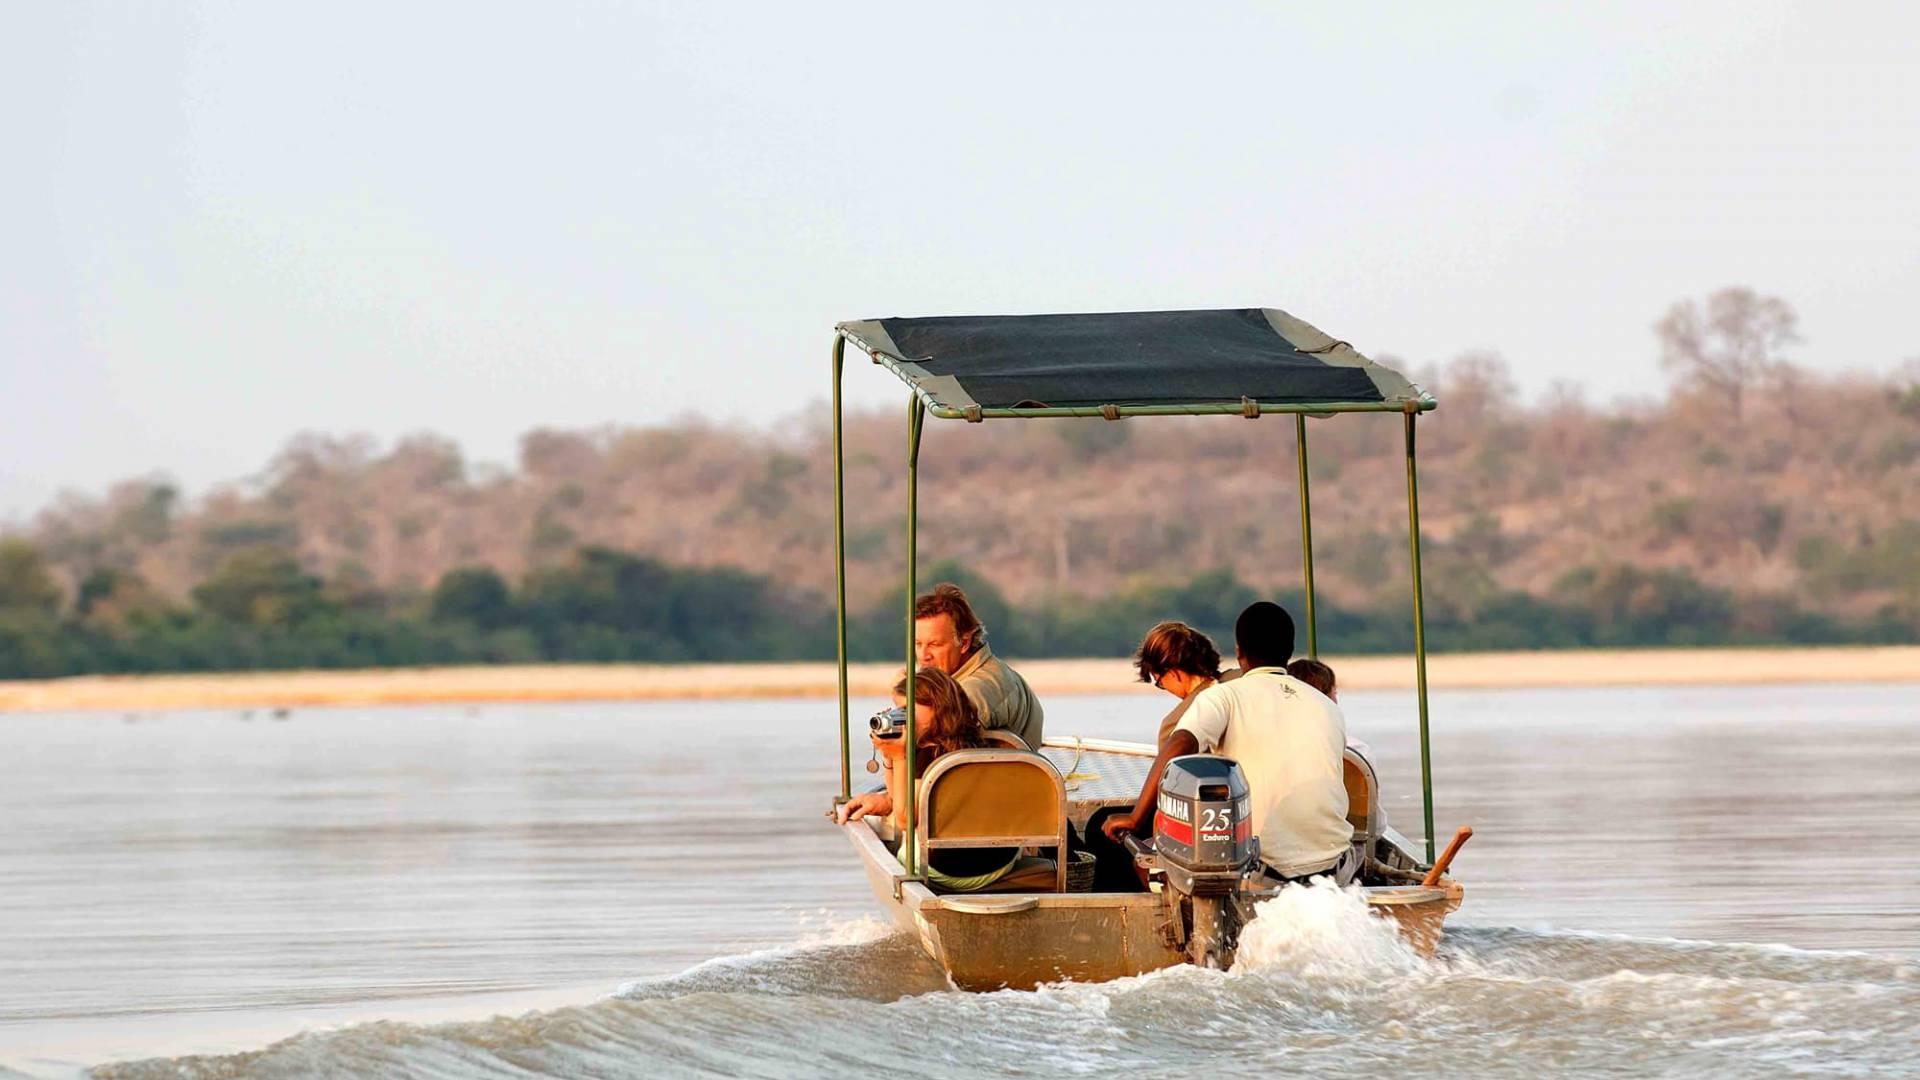 Abenteuerliche Boot-Safaris